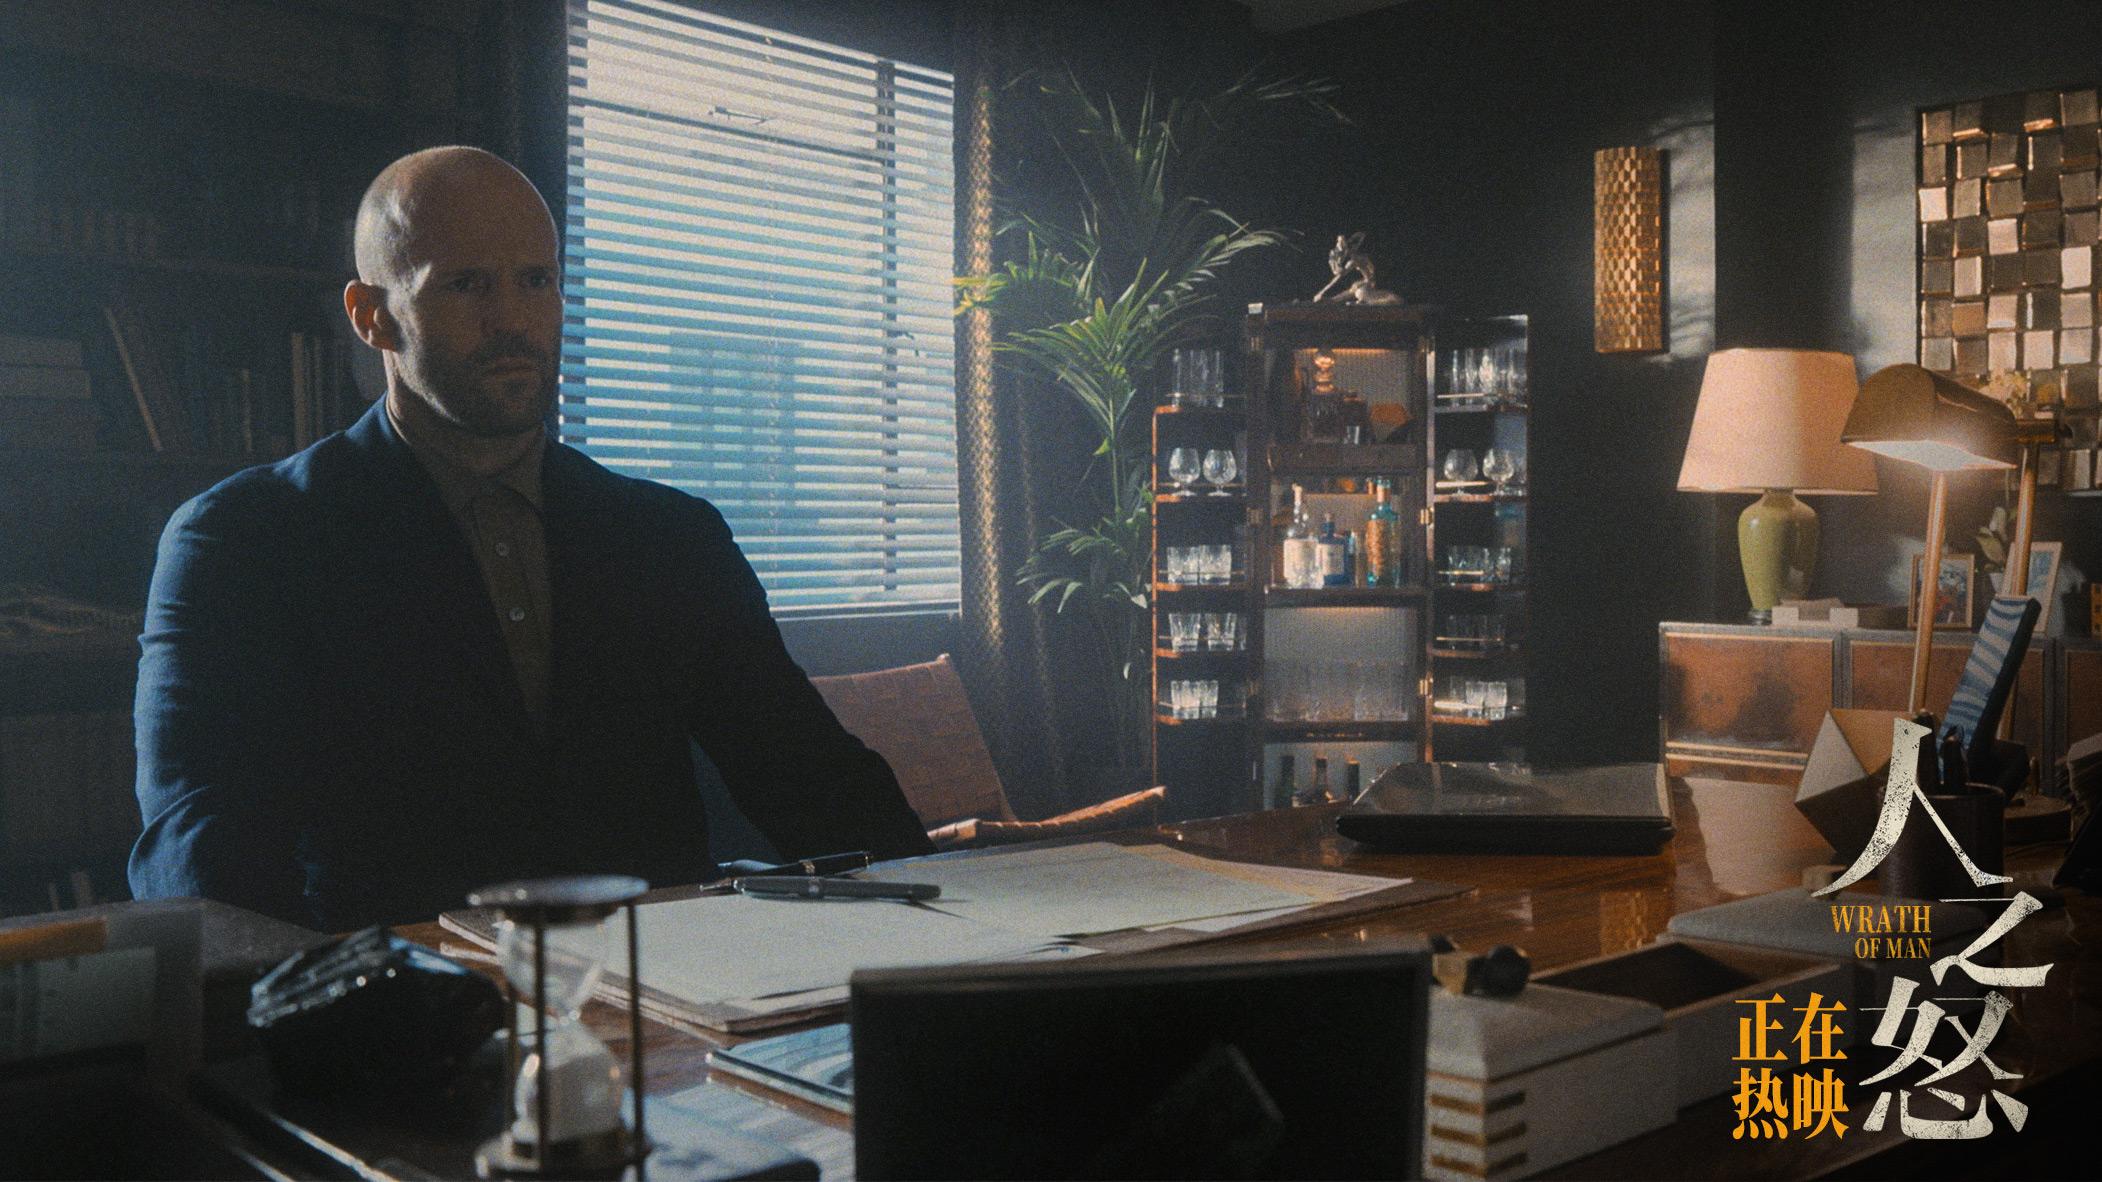 穿西装变绅士、换制服成硬汉!杰森新片《人之怒》讲述复仇故事